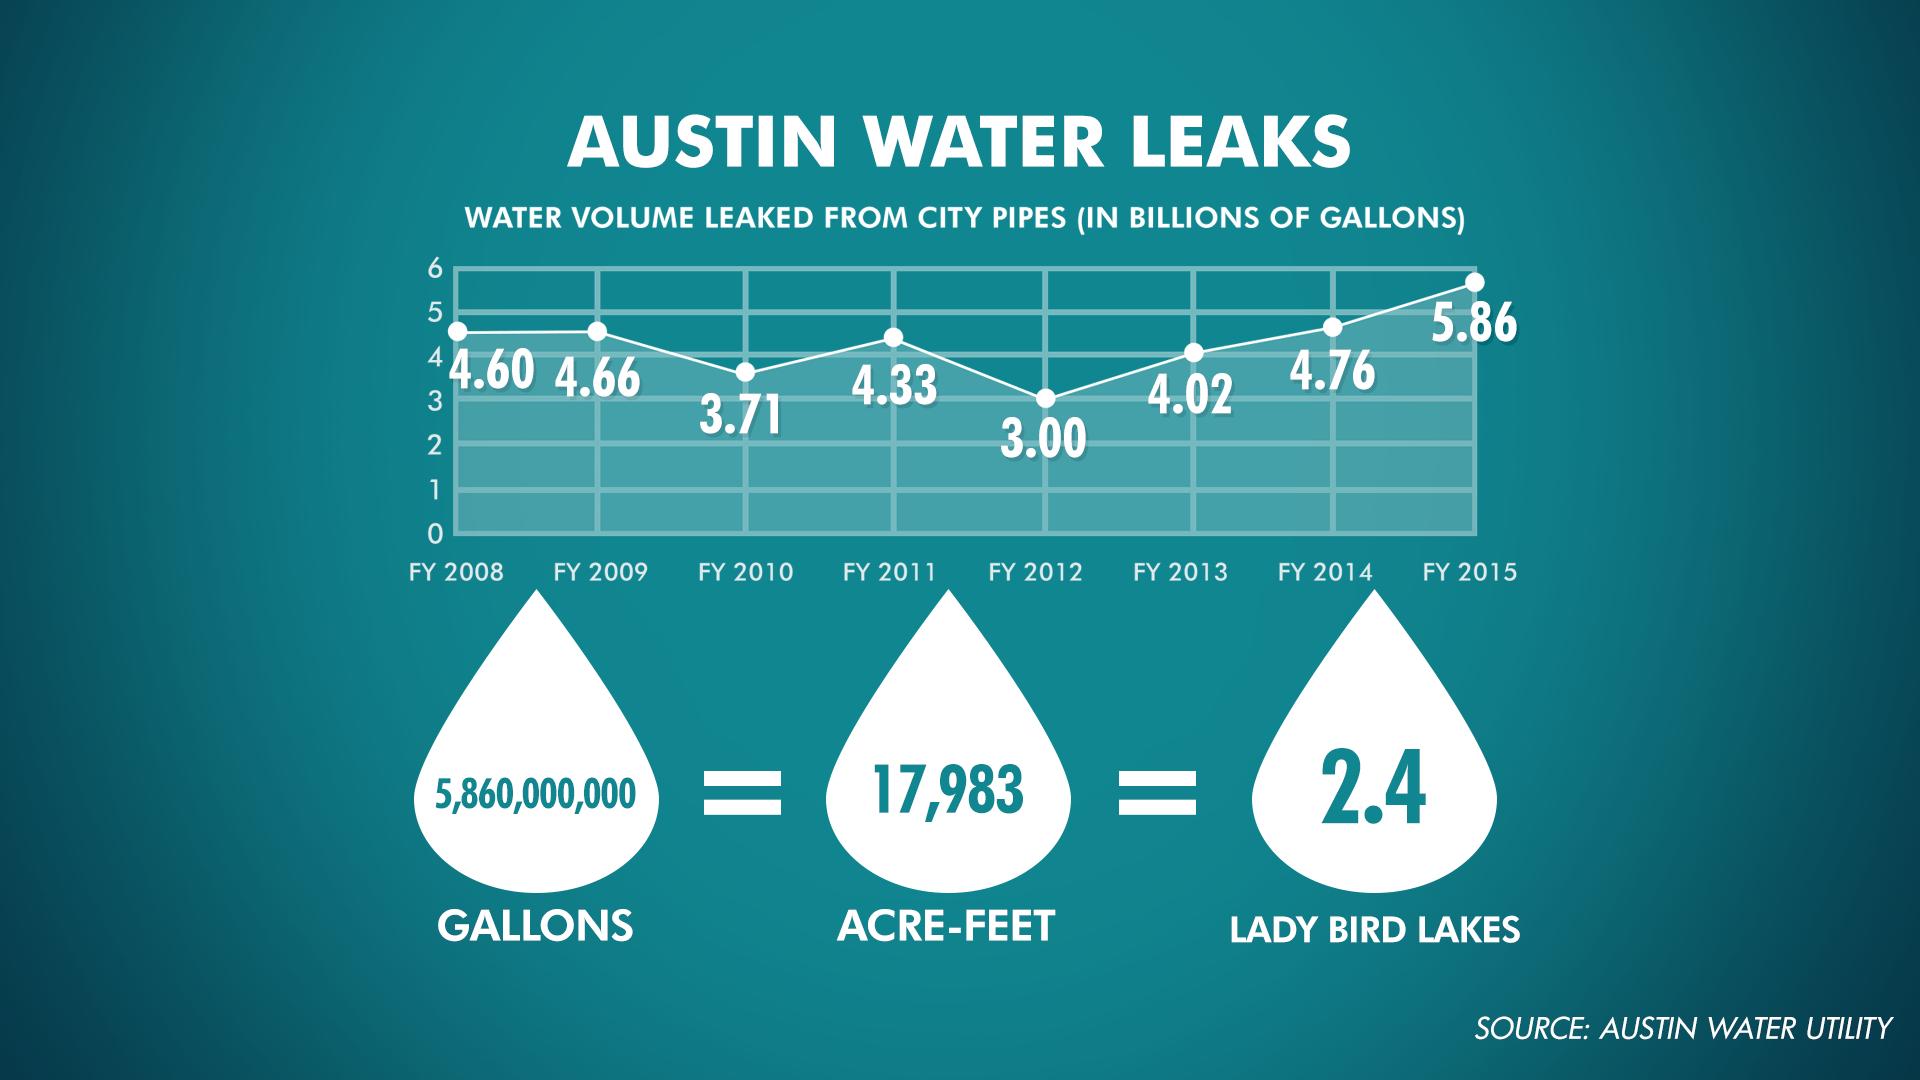 Austin Water Leaks